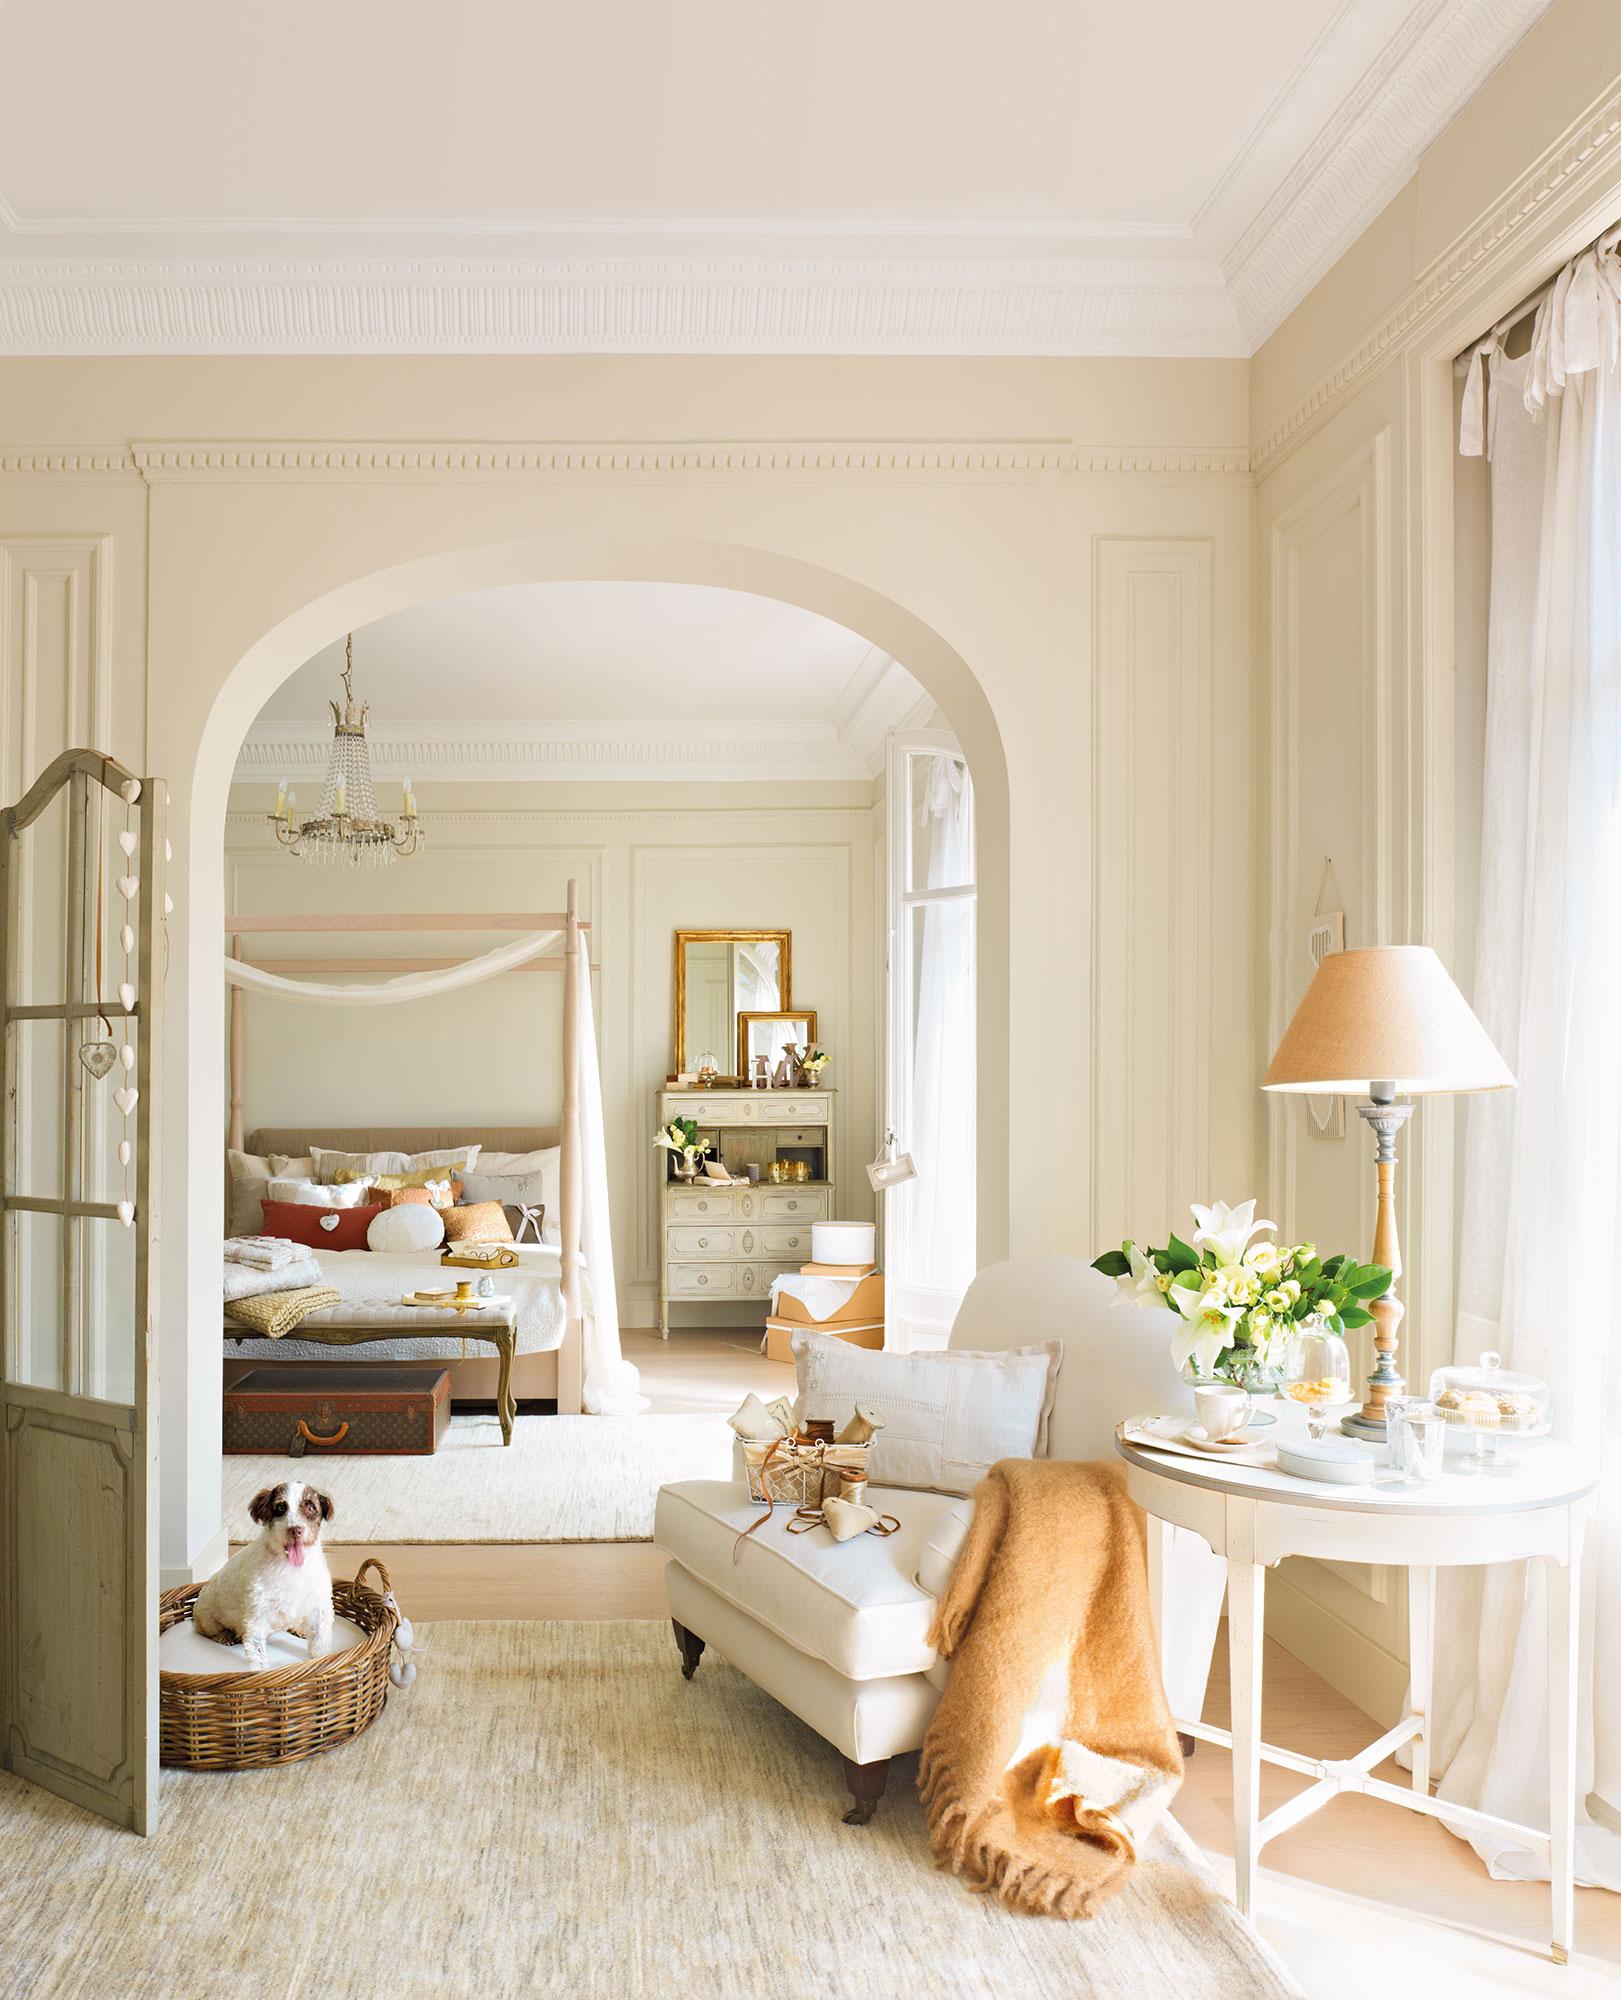 Dormitorio c mo decorarlo y aprovecharlo mejor seg n los for Ver decoracion de dormitorios